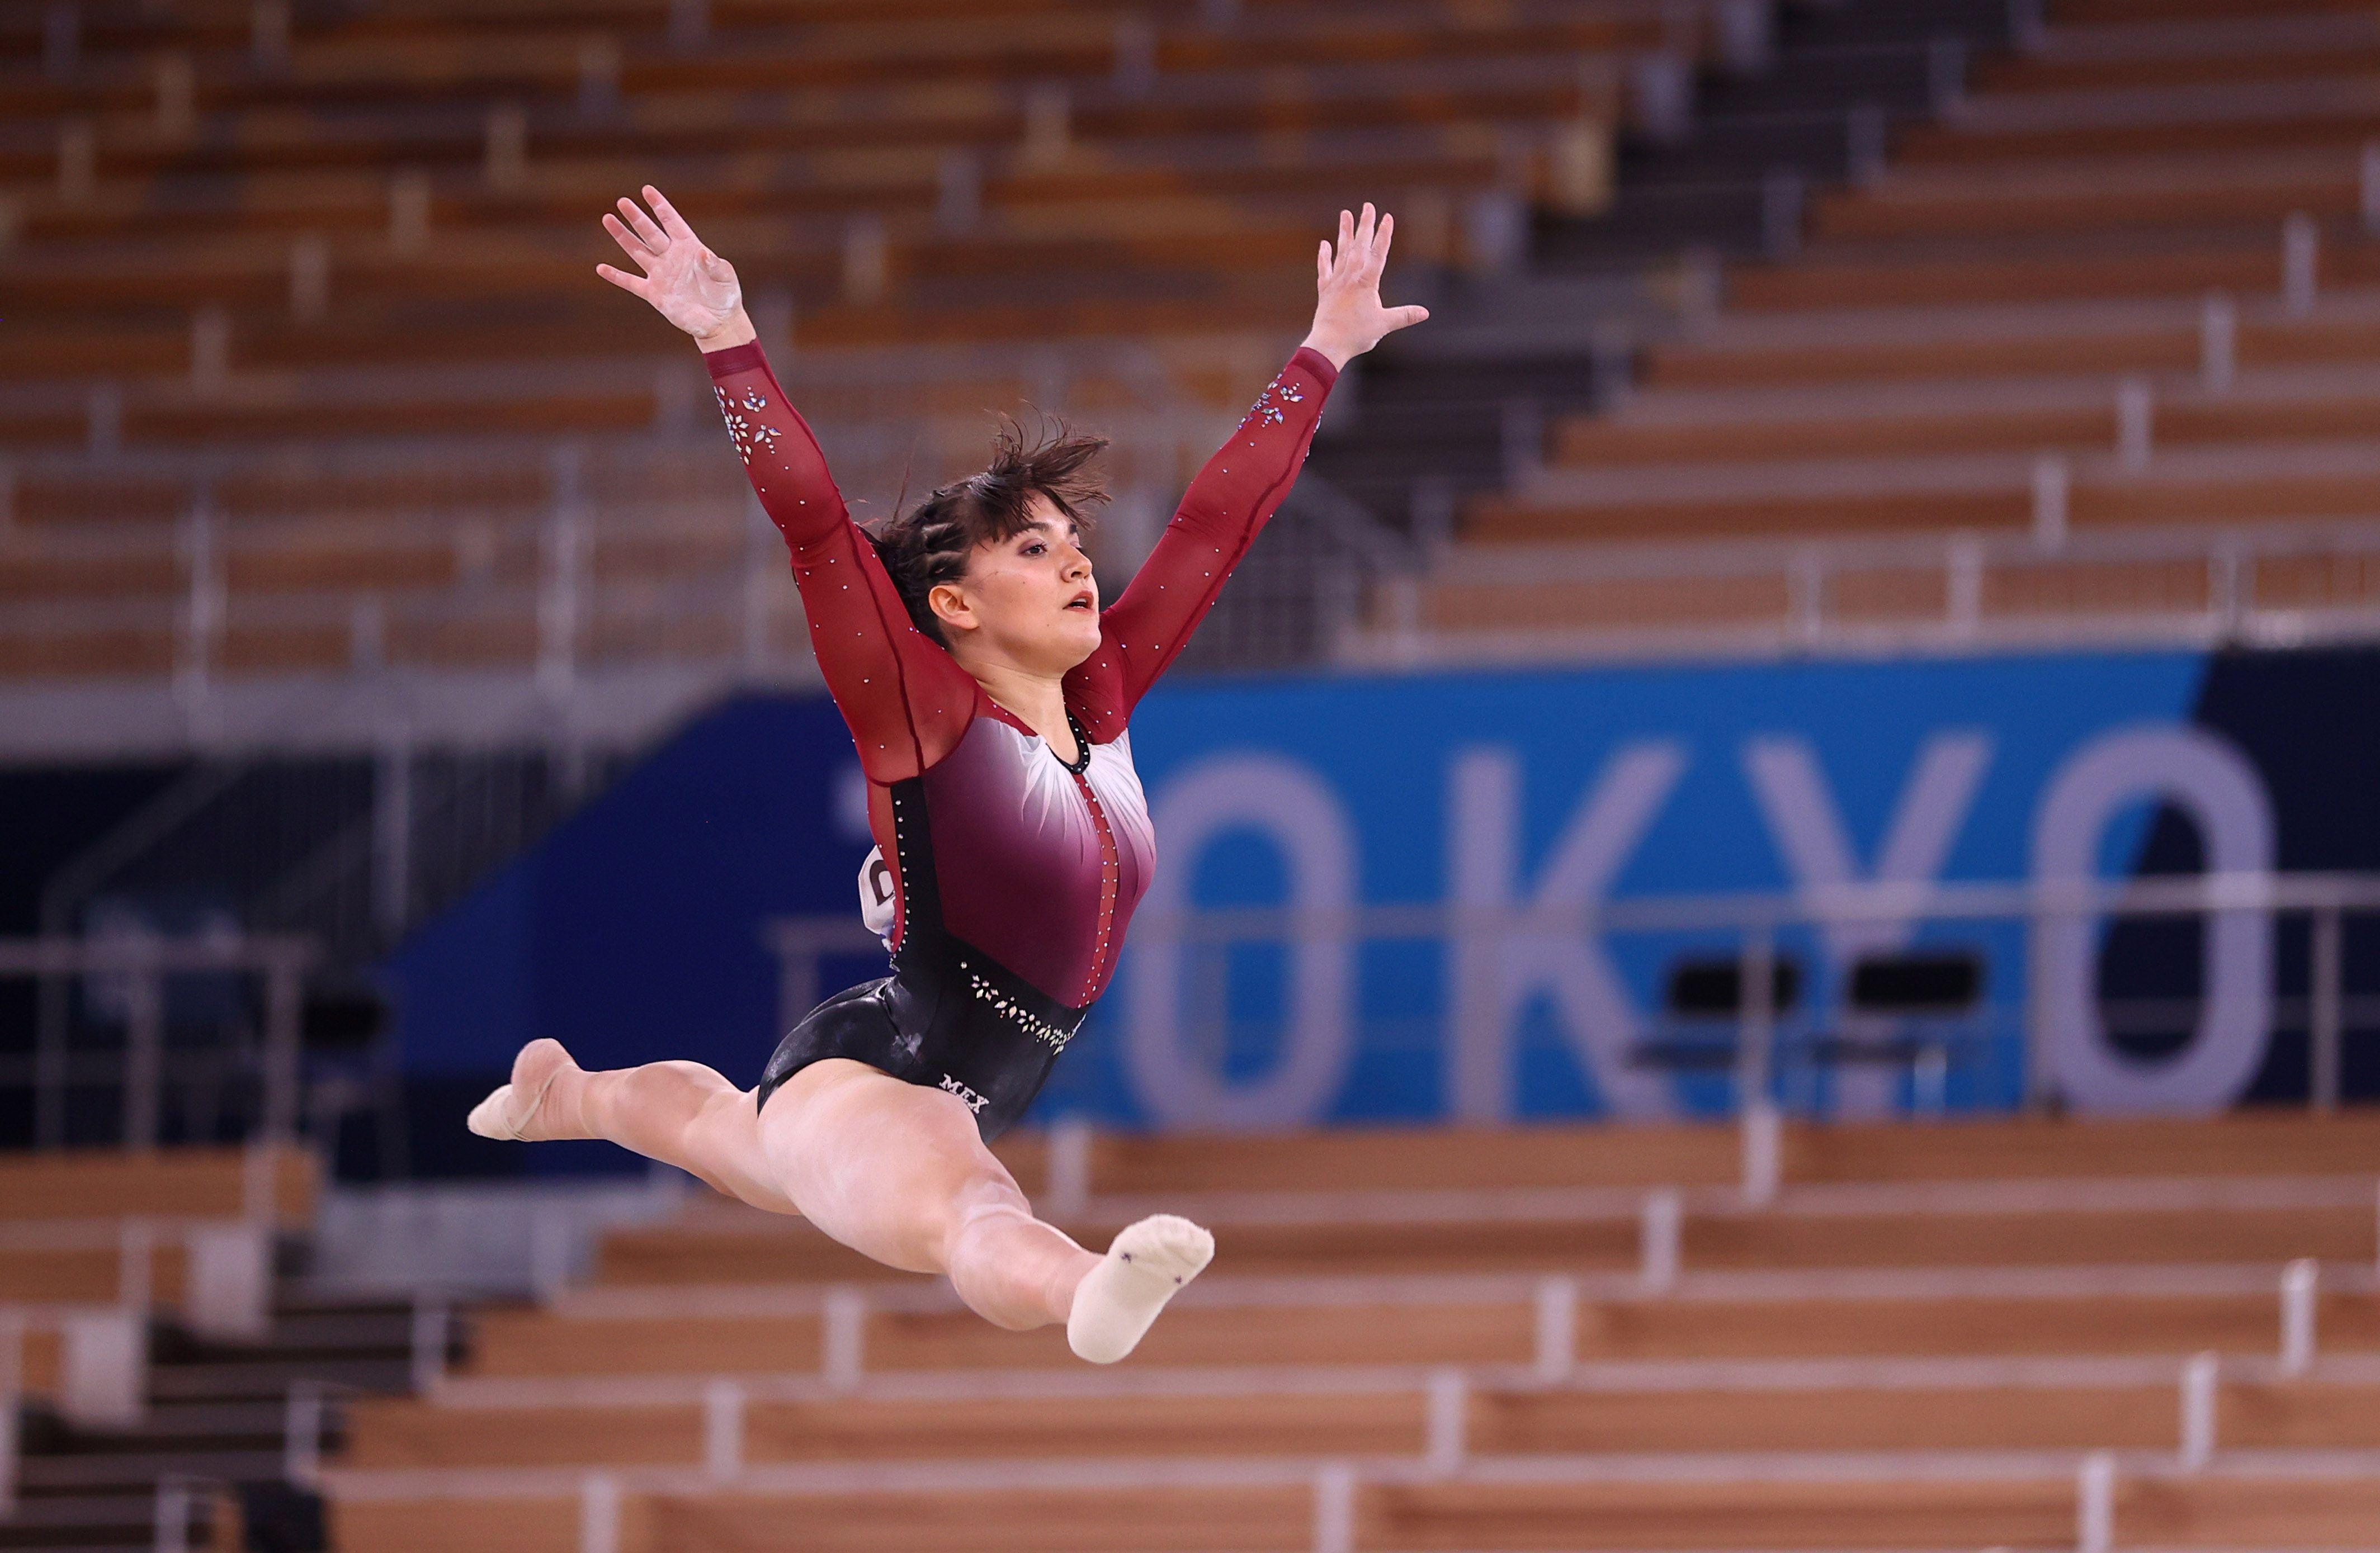 Pidió que las instituciones deportivas den más apoyo y brinden de material a los gimnasios de entrenamiento, además solicitó un plan estratégico para fomentar la gimnasia artística (Foto: REUTERS/Lindsey Wasson)